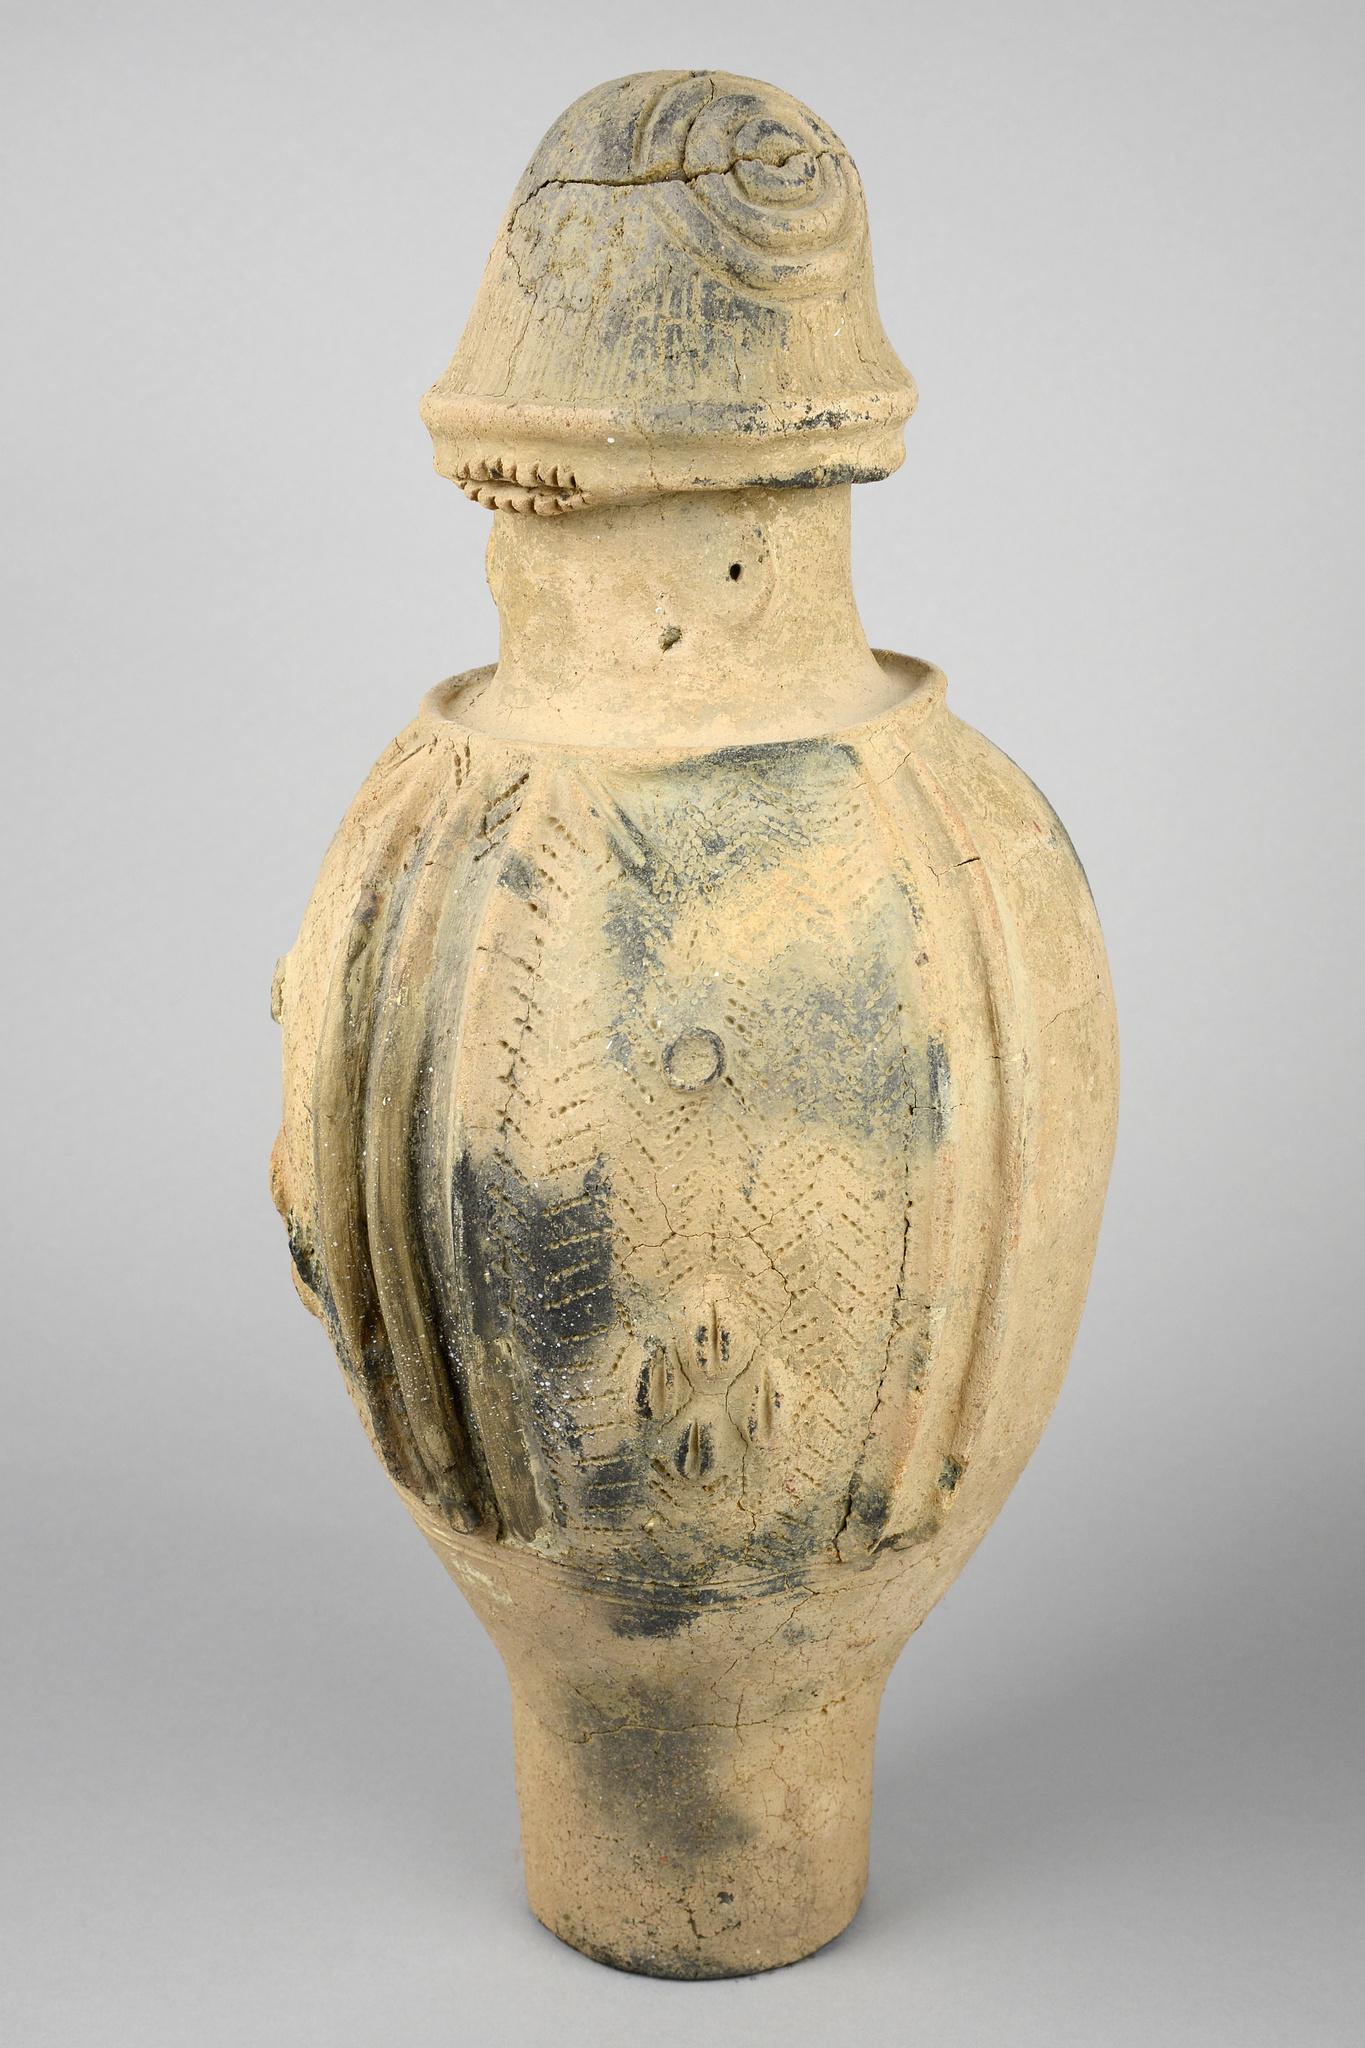 Vase-shaped fake vessel